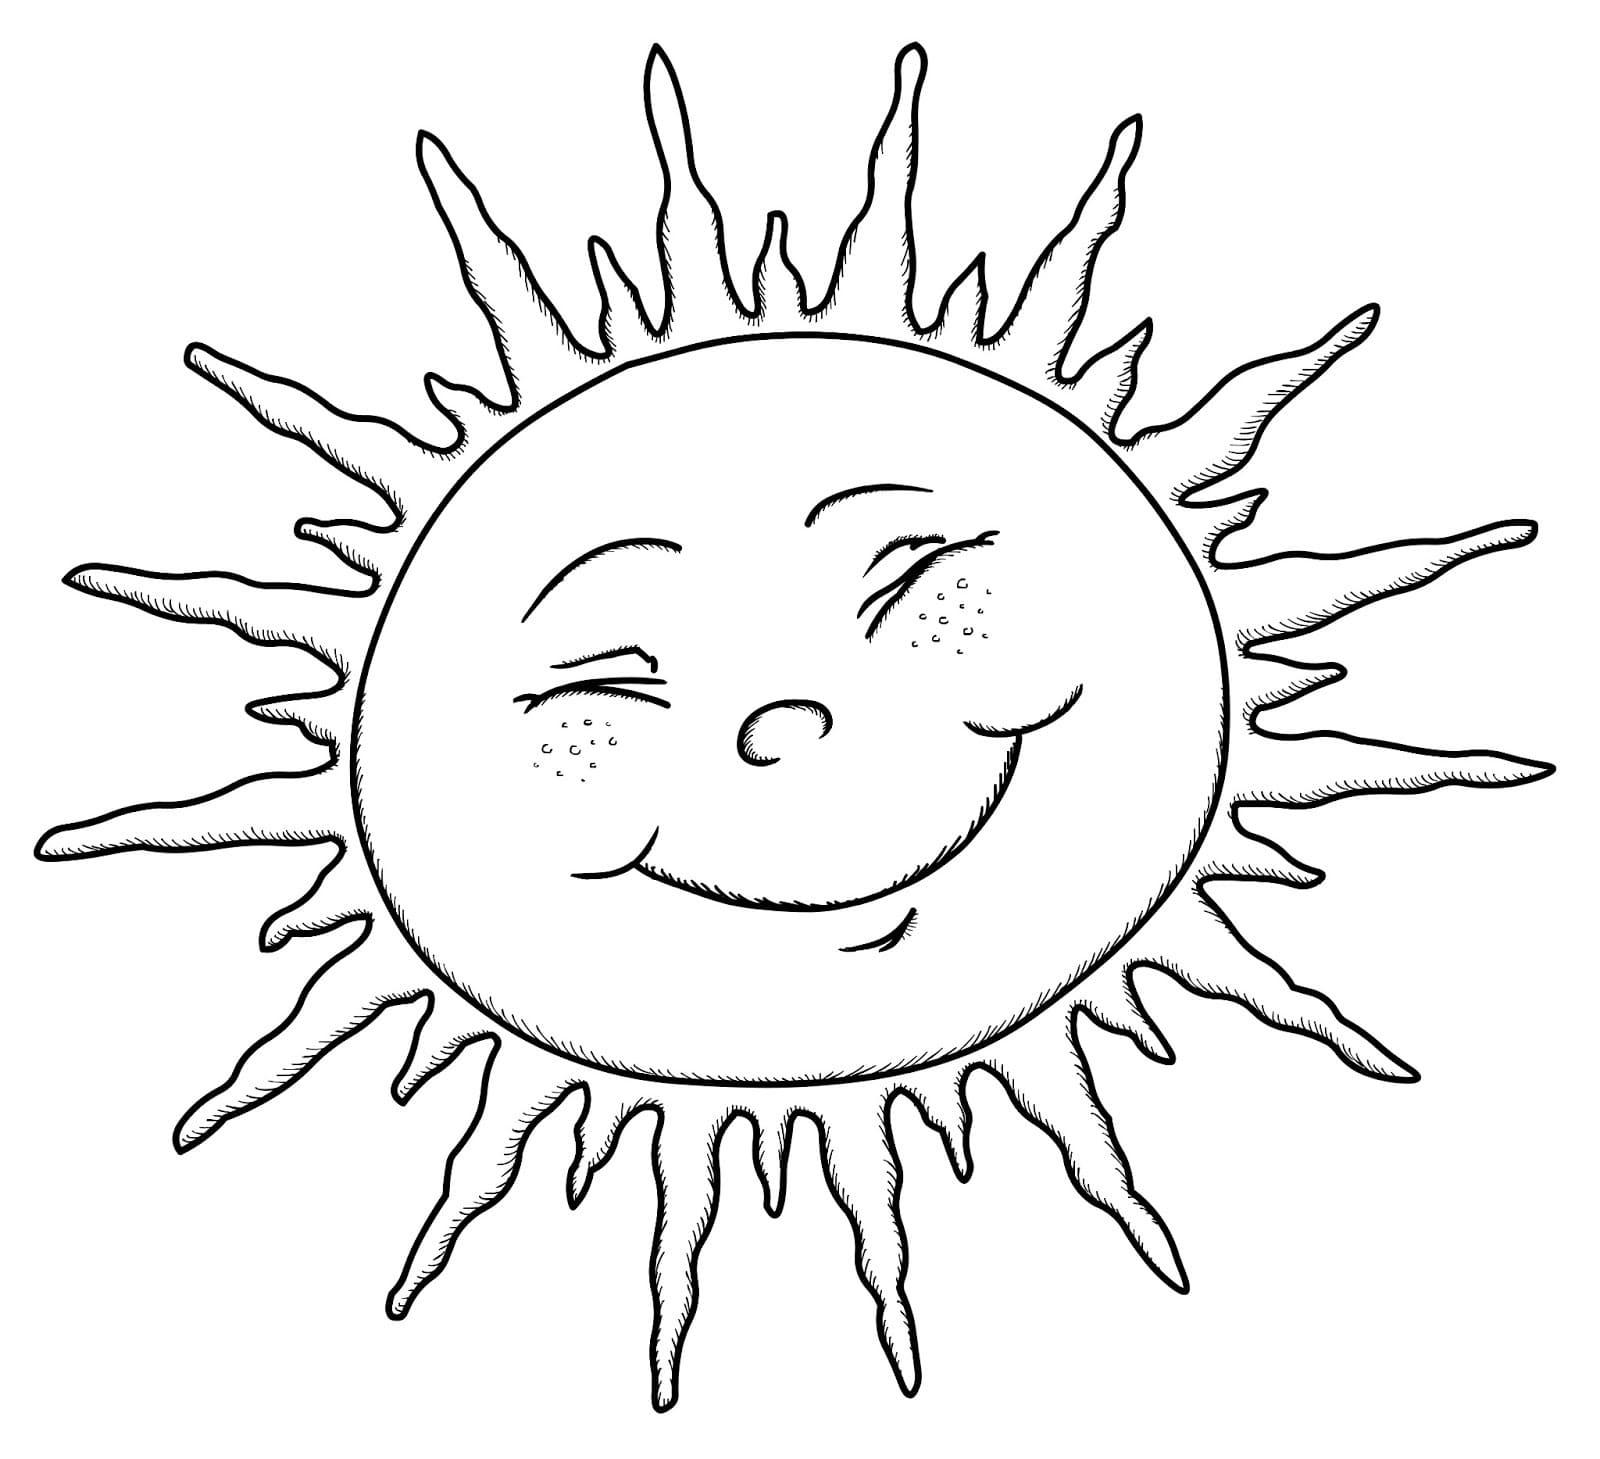 Ausmalbilder Sonne  15 Malvorlagen Kostenlos zum Ausdrucken